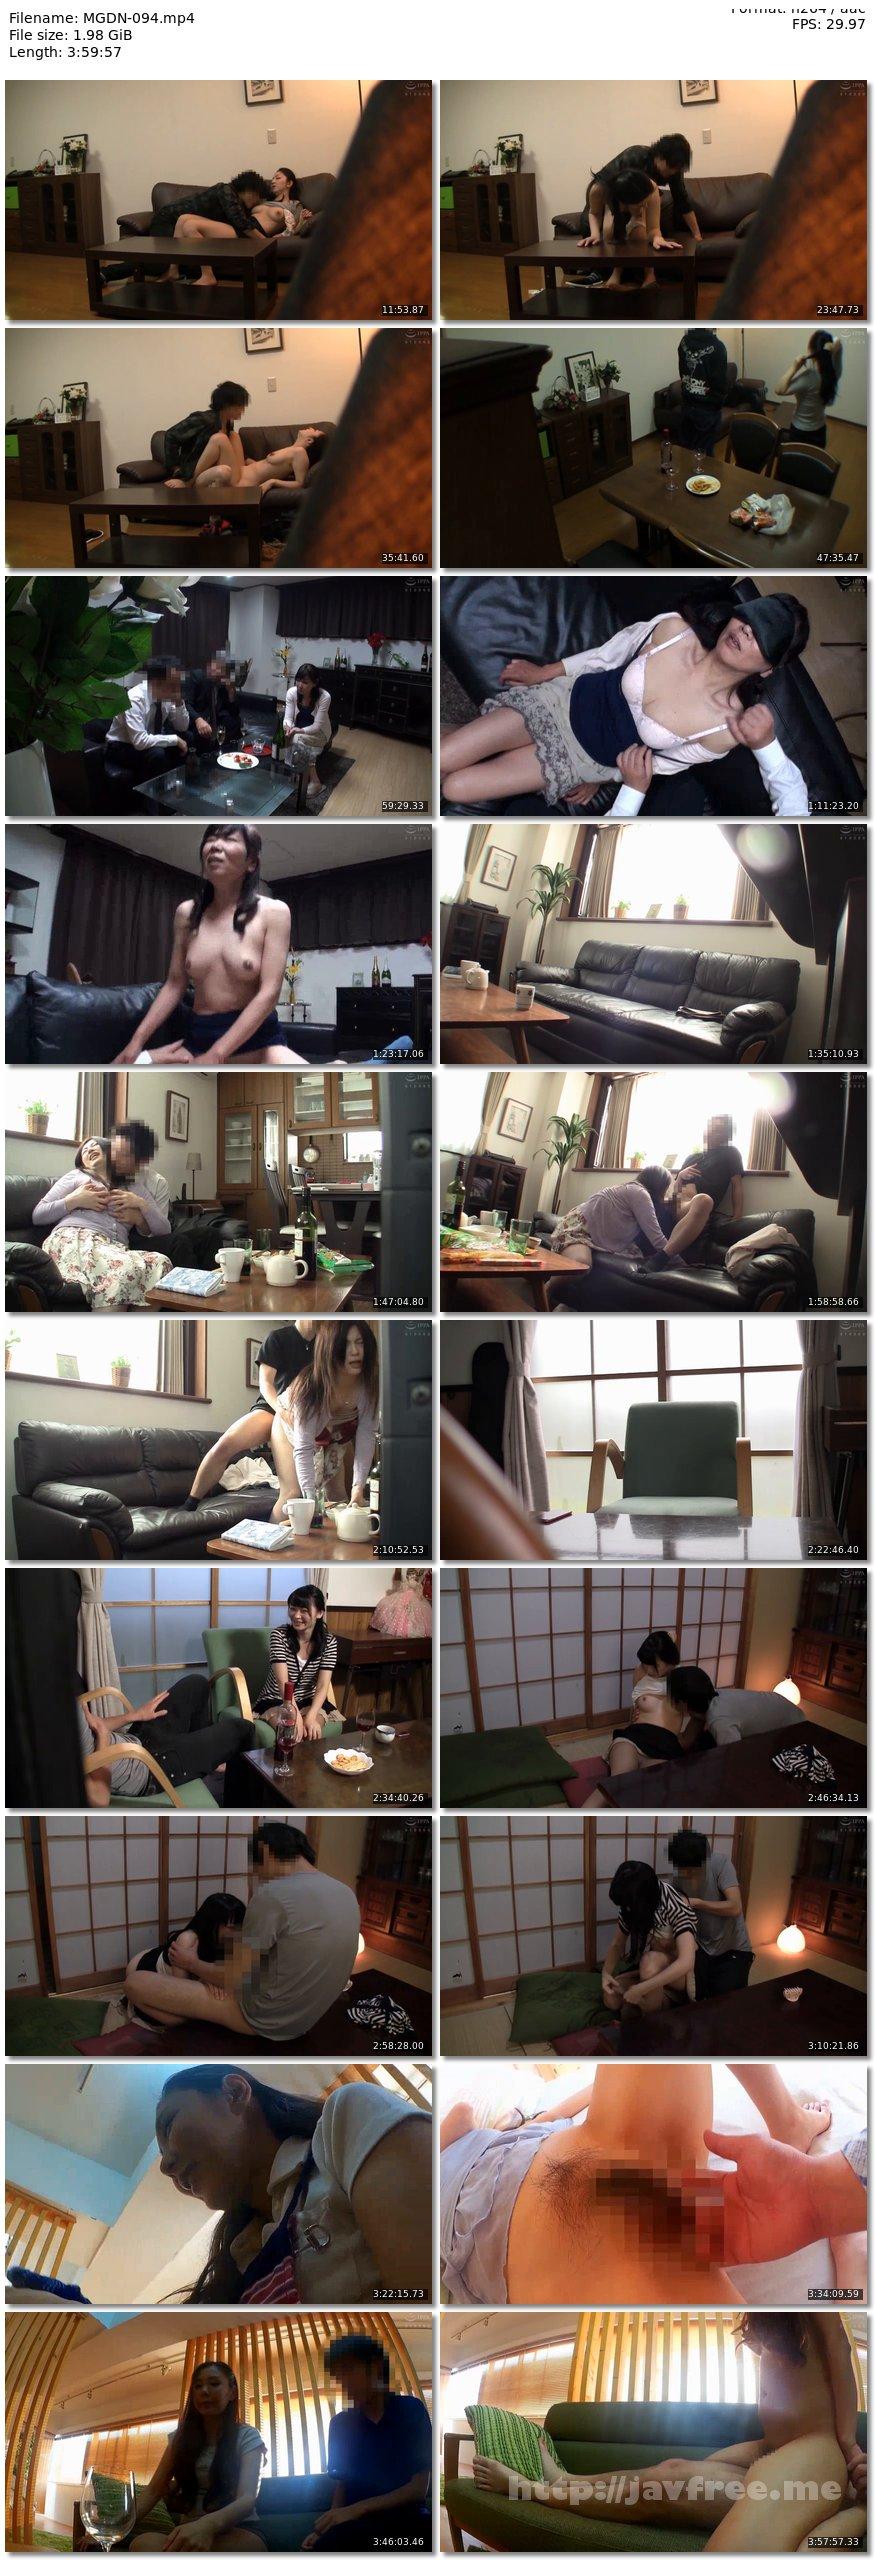 [MGDN-094] 旦那さんからのガチ依頼隠し撮り動画 「ウチの妻を酔わせて他人に抱かれる所を見てみたいんです。」スペシャル240分 - image MGDN-094 on https://javfree.me